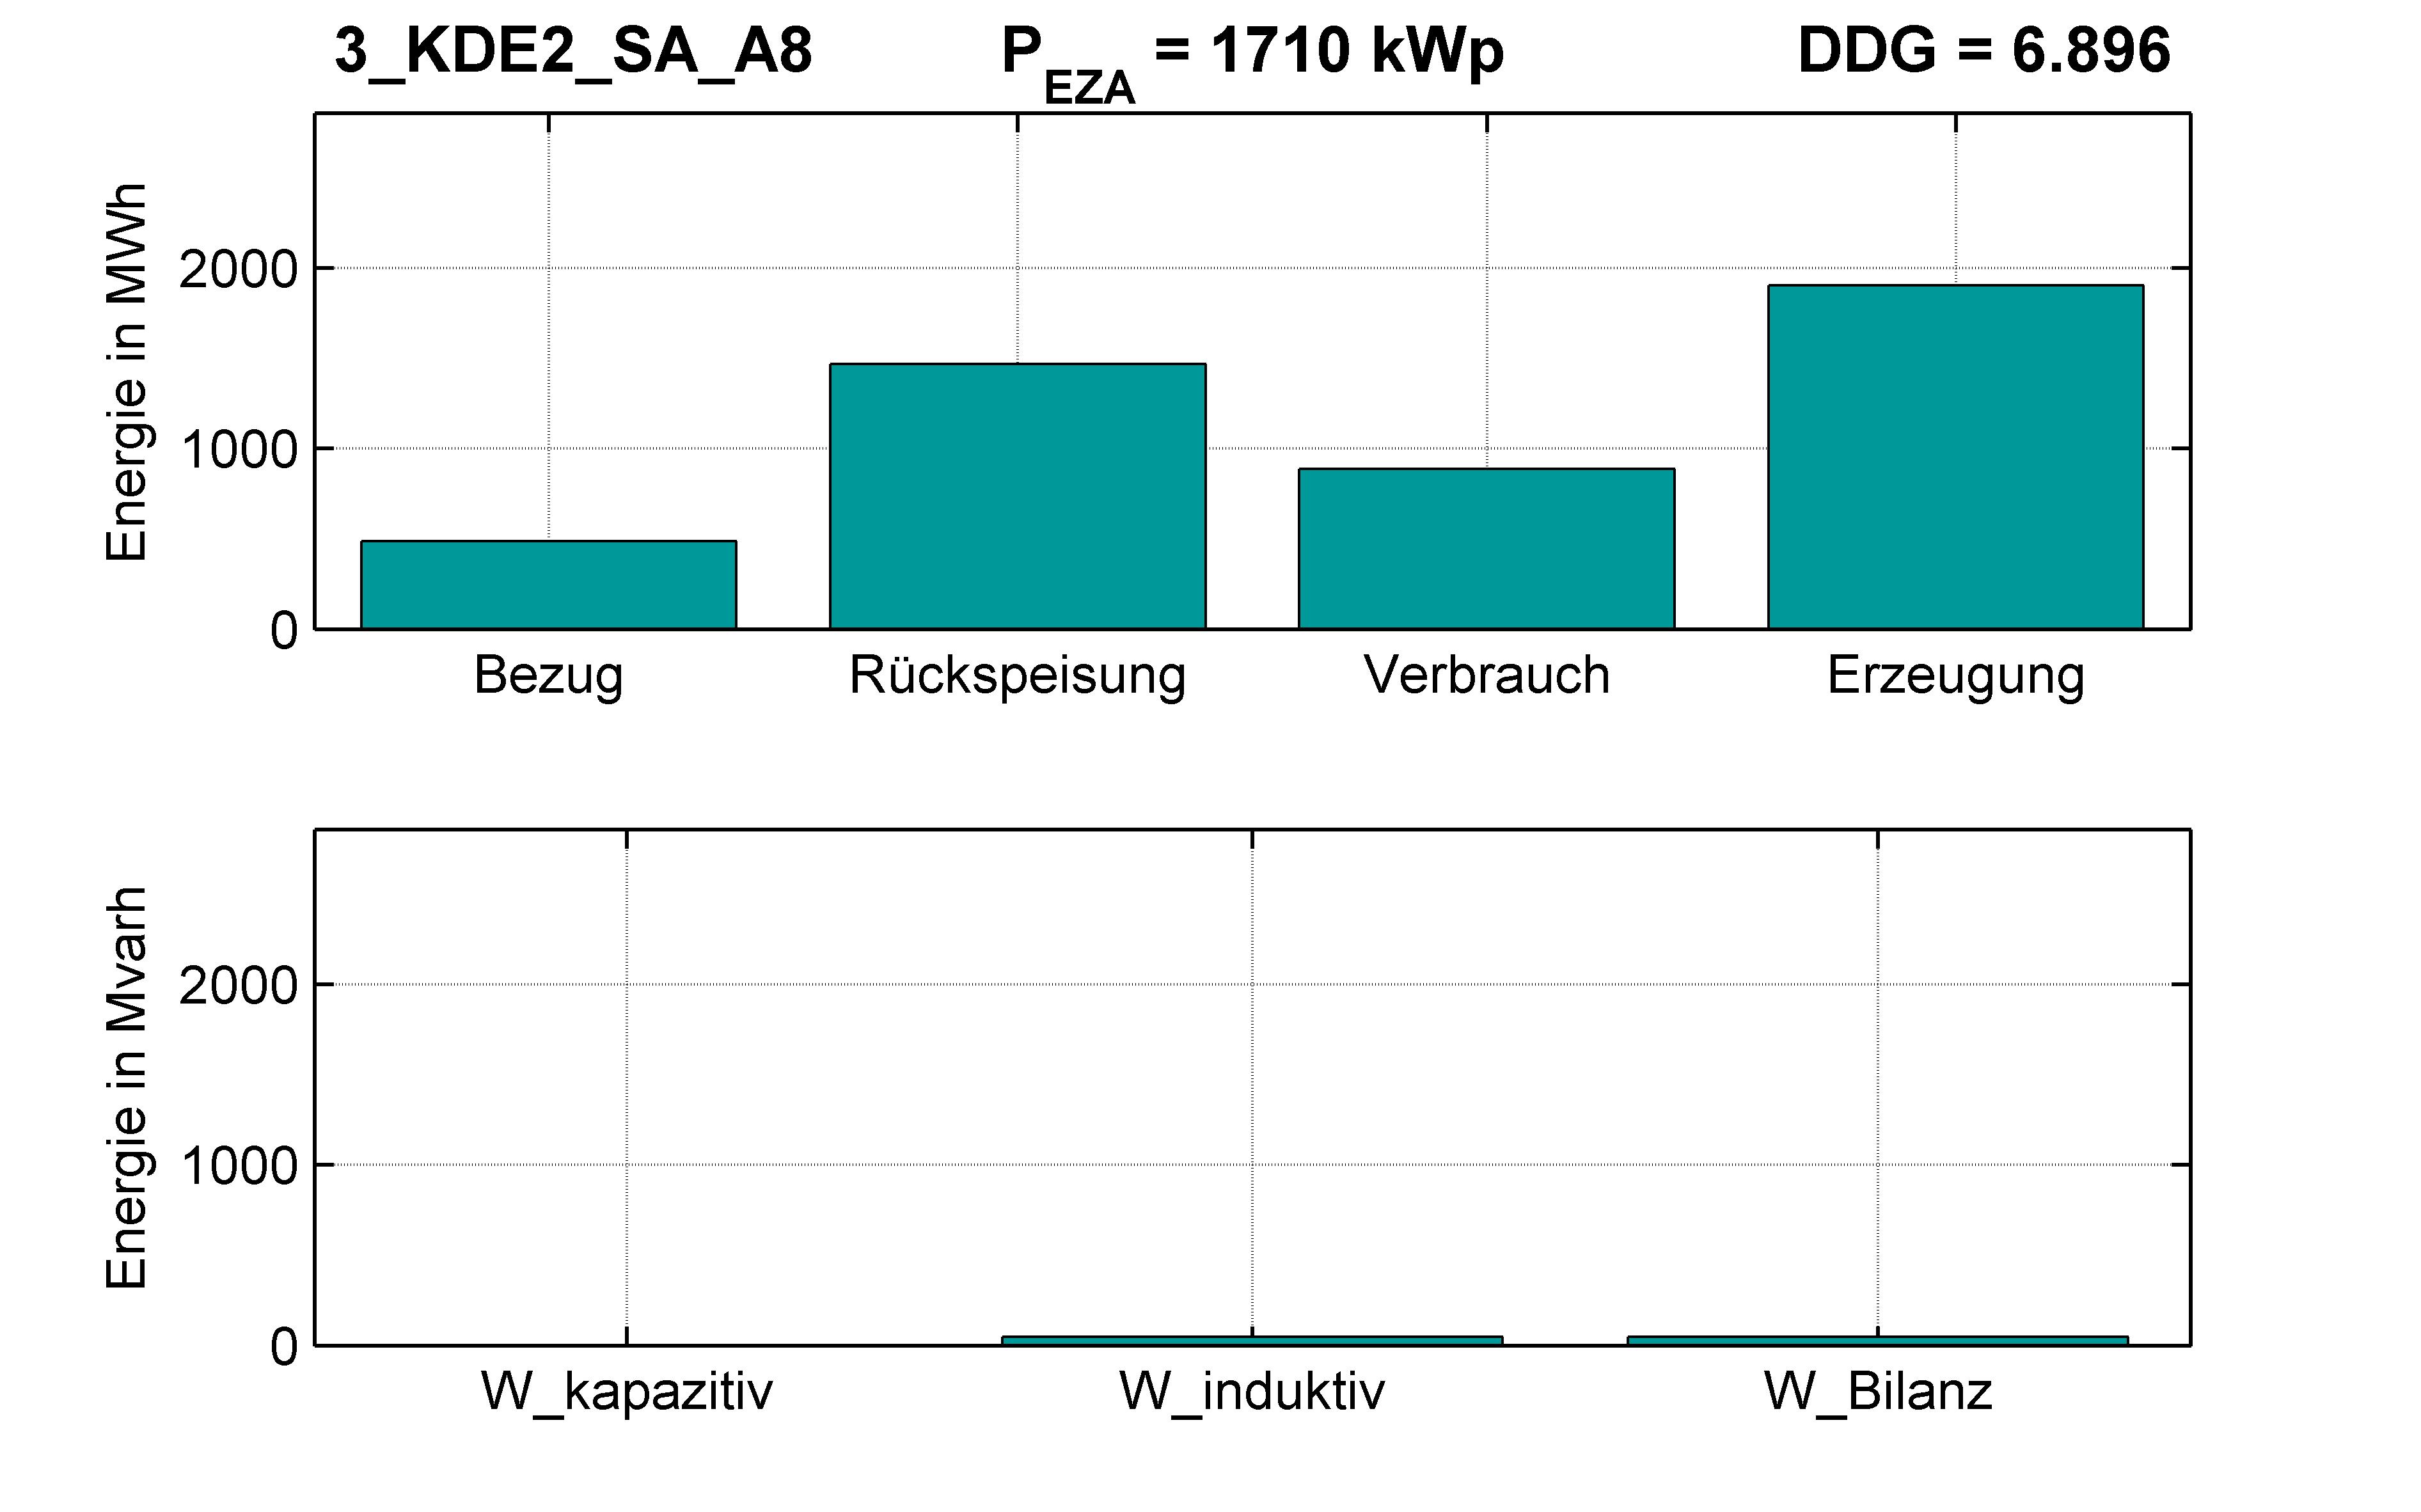 KDE2 | P-Kappung 70% (SA) A8 | PQ-Bilanz